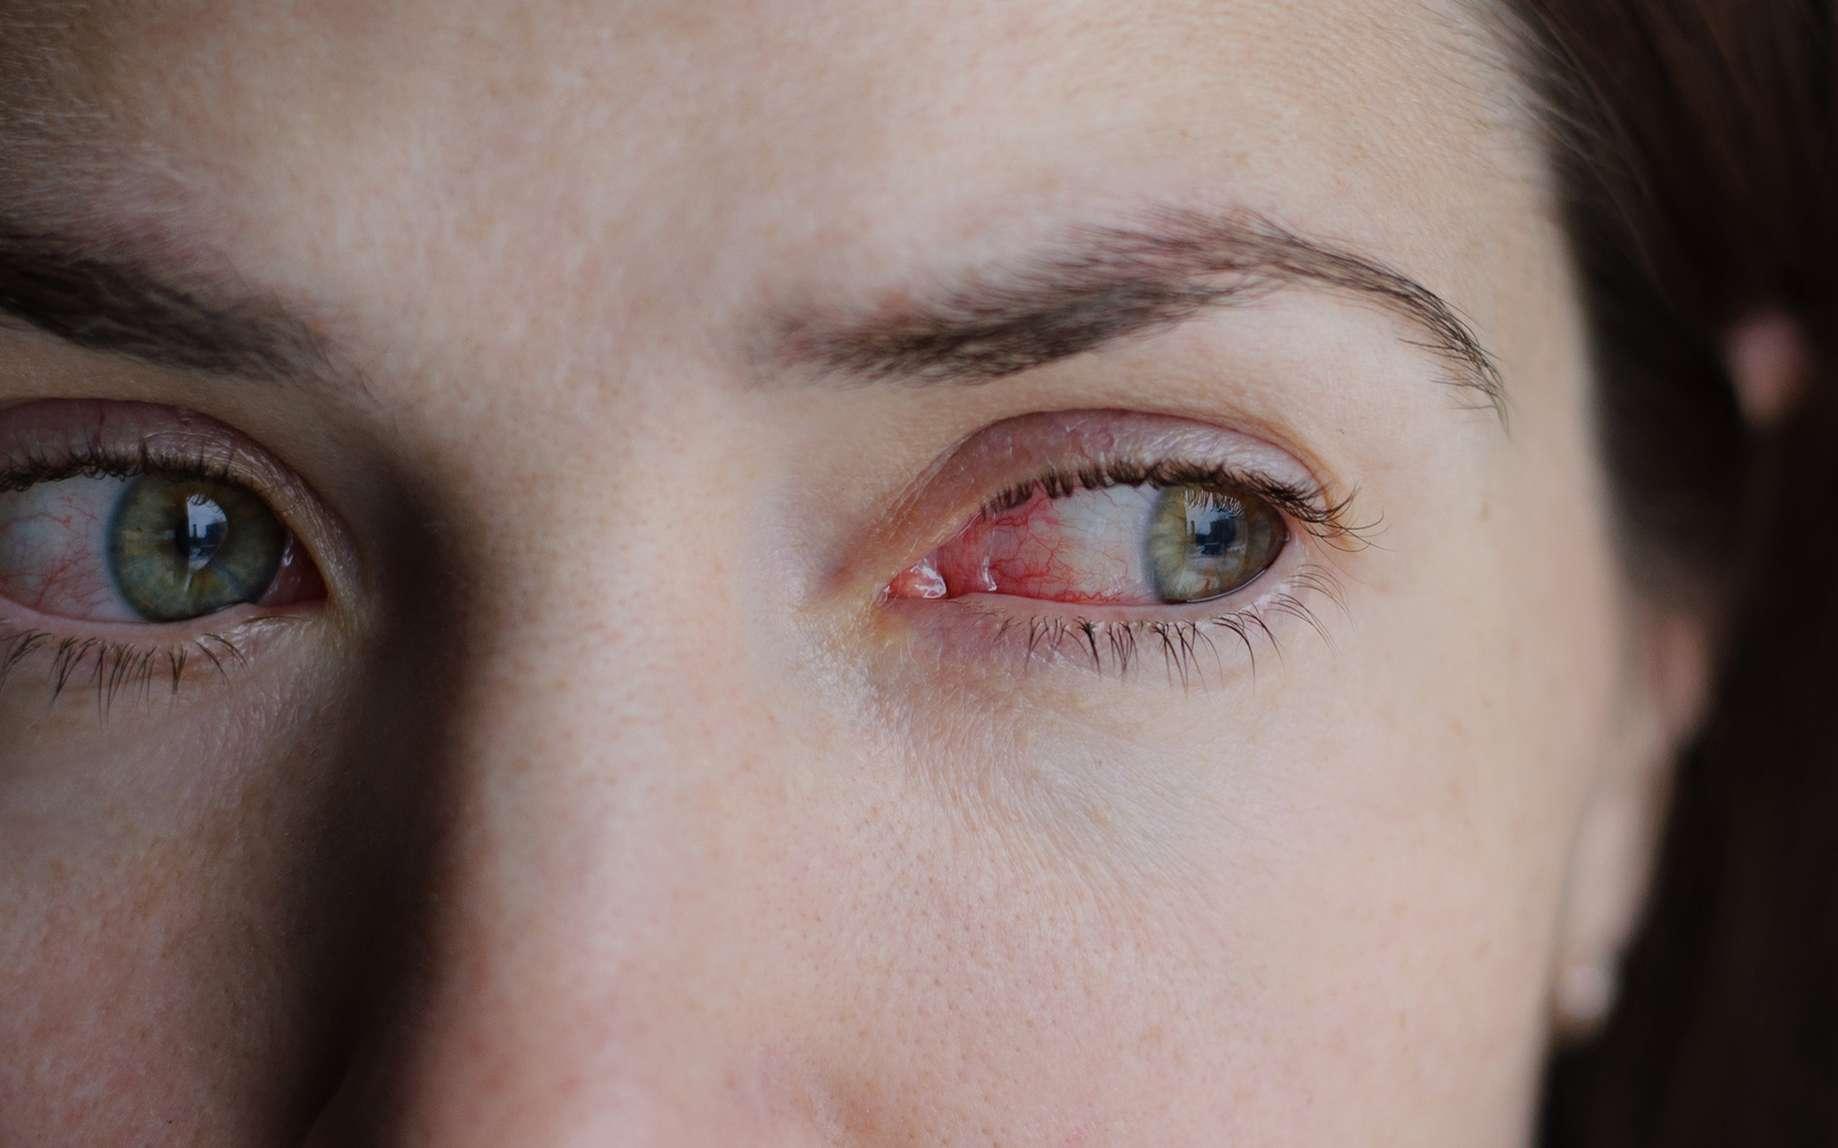 La conjonctivite peut être d'origine allergique, virale bactérienne ou irritative. © domaskina, Fotolia